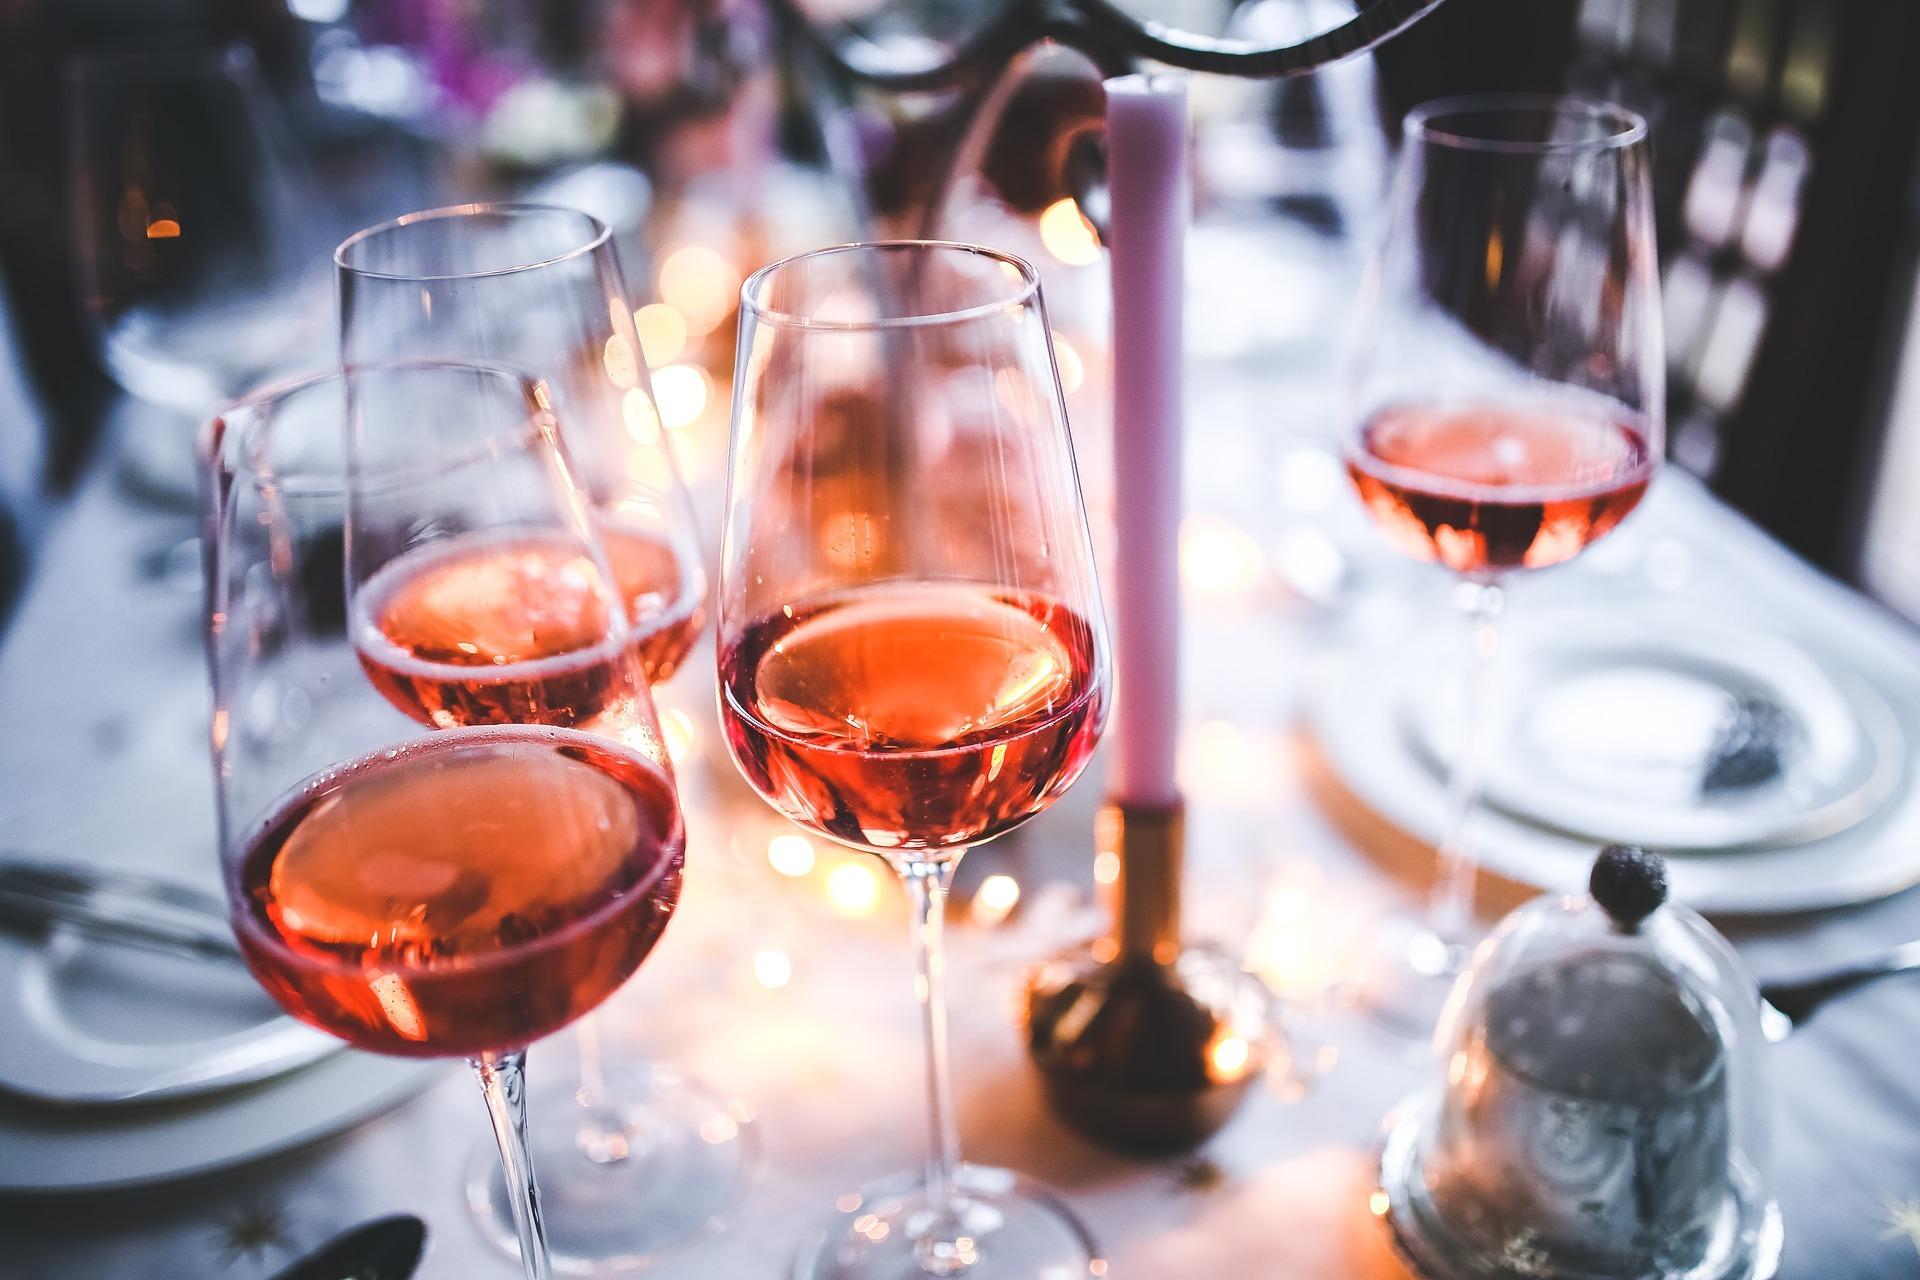 bor rozé